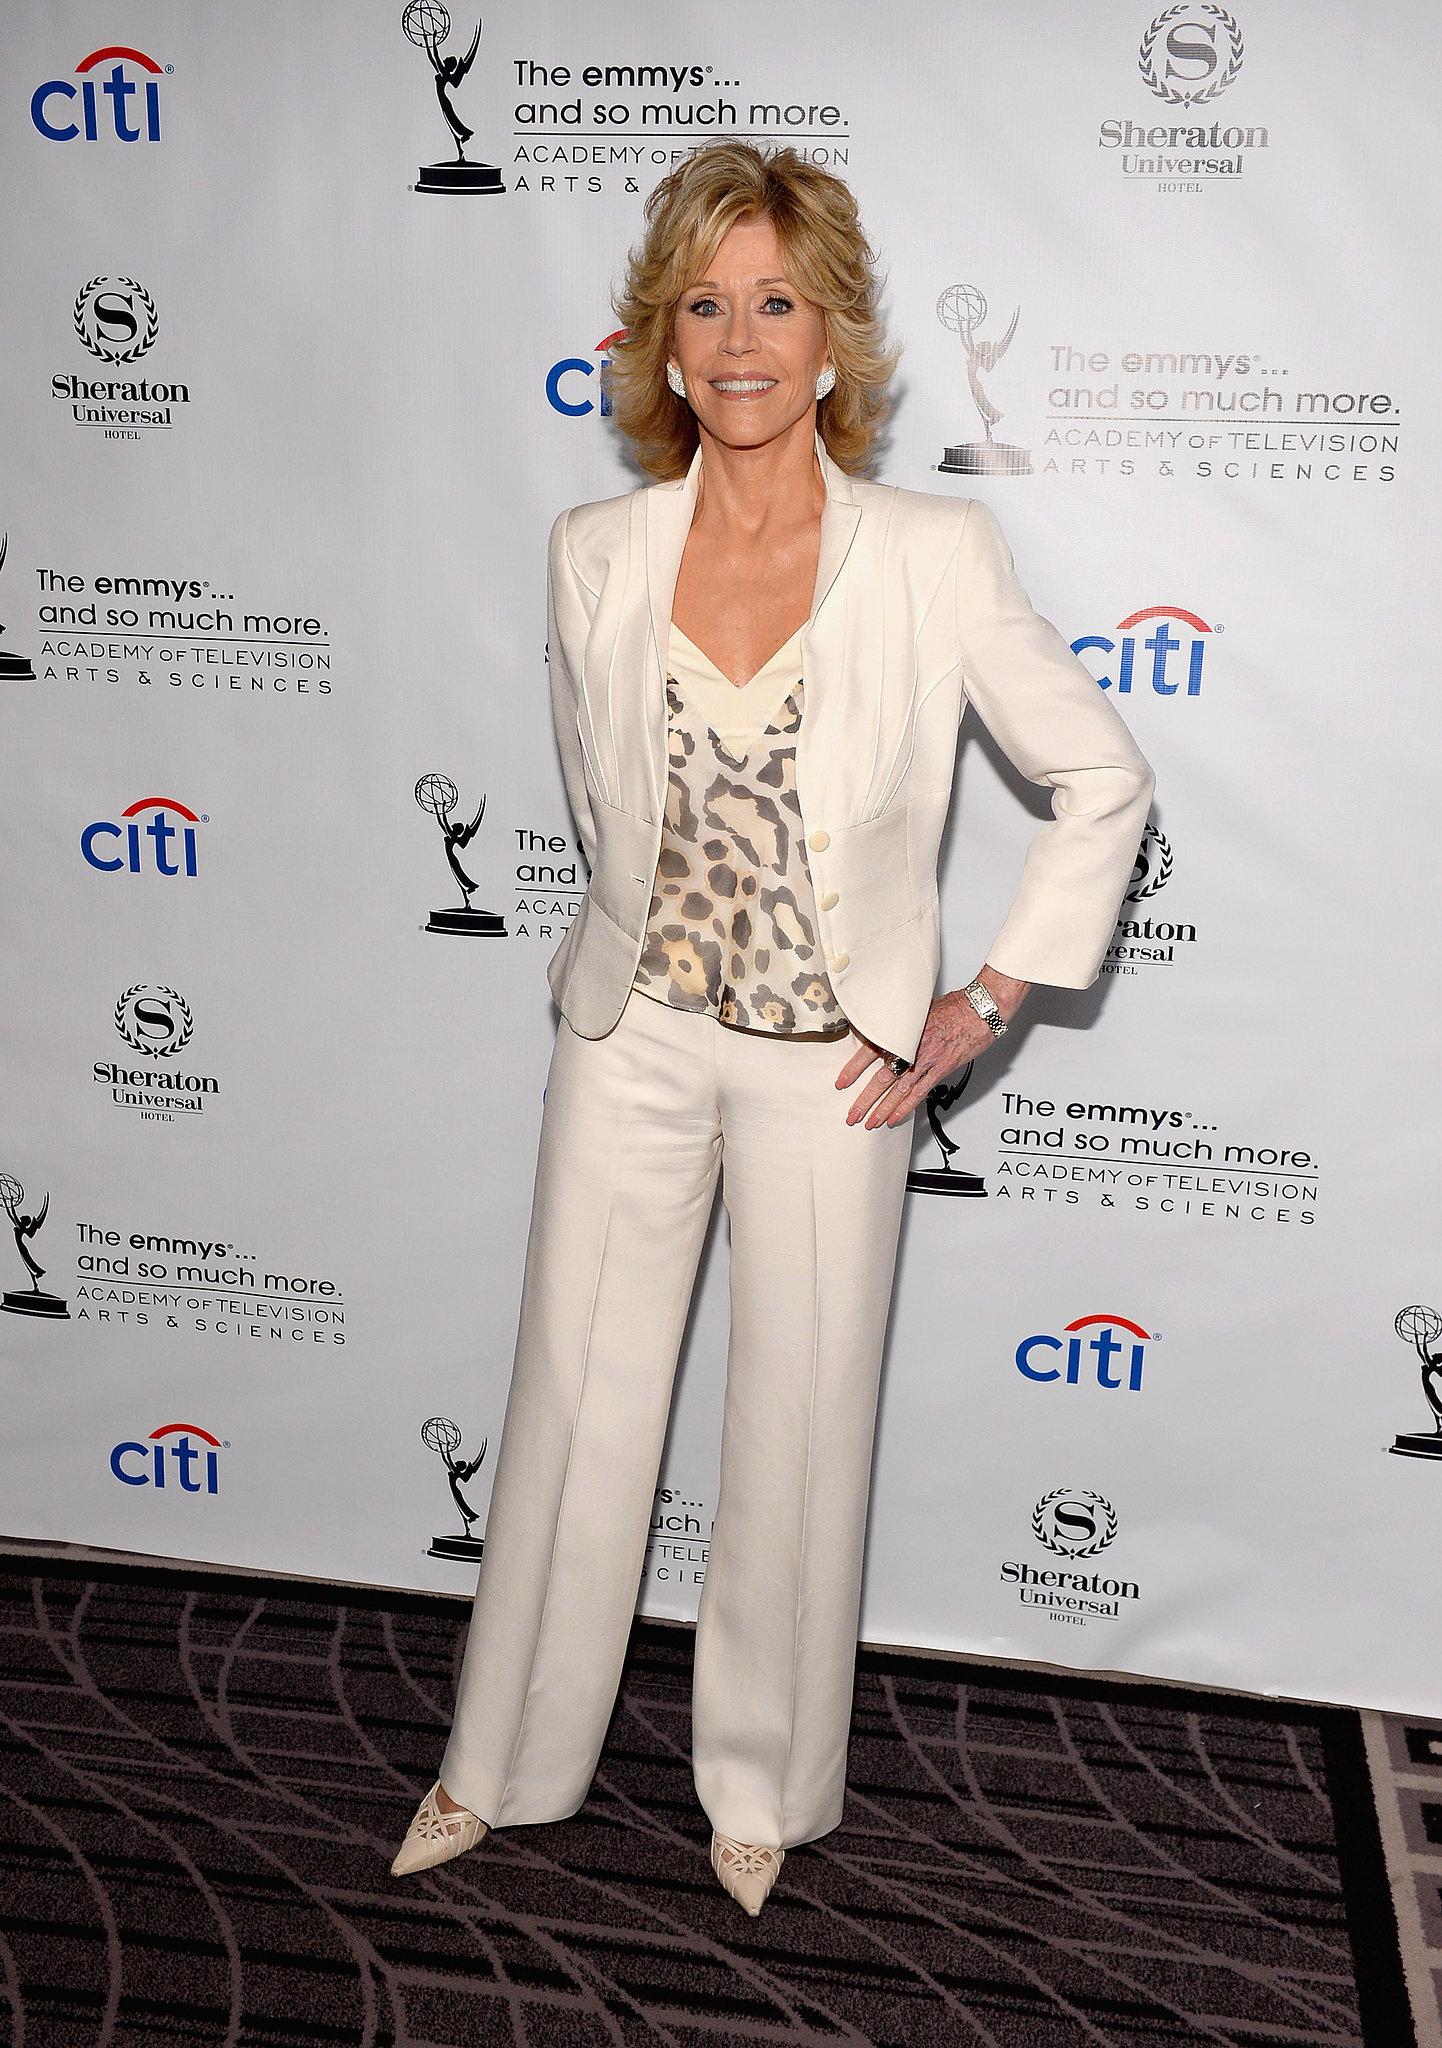 Jane Fonda celebrated among the Emmy nominees.